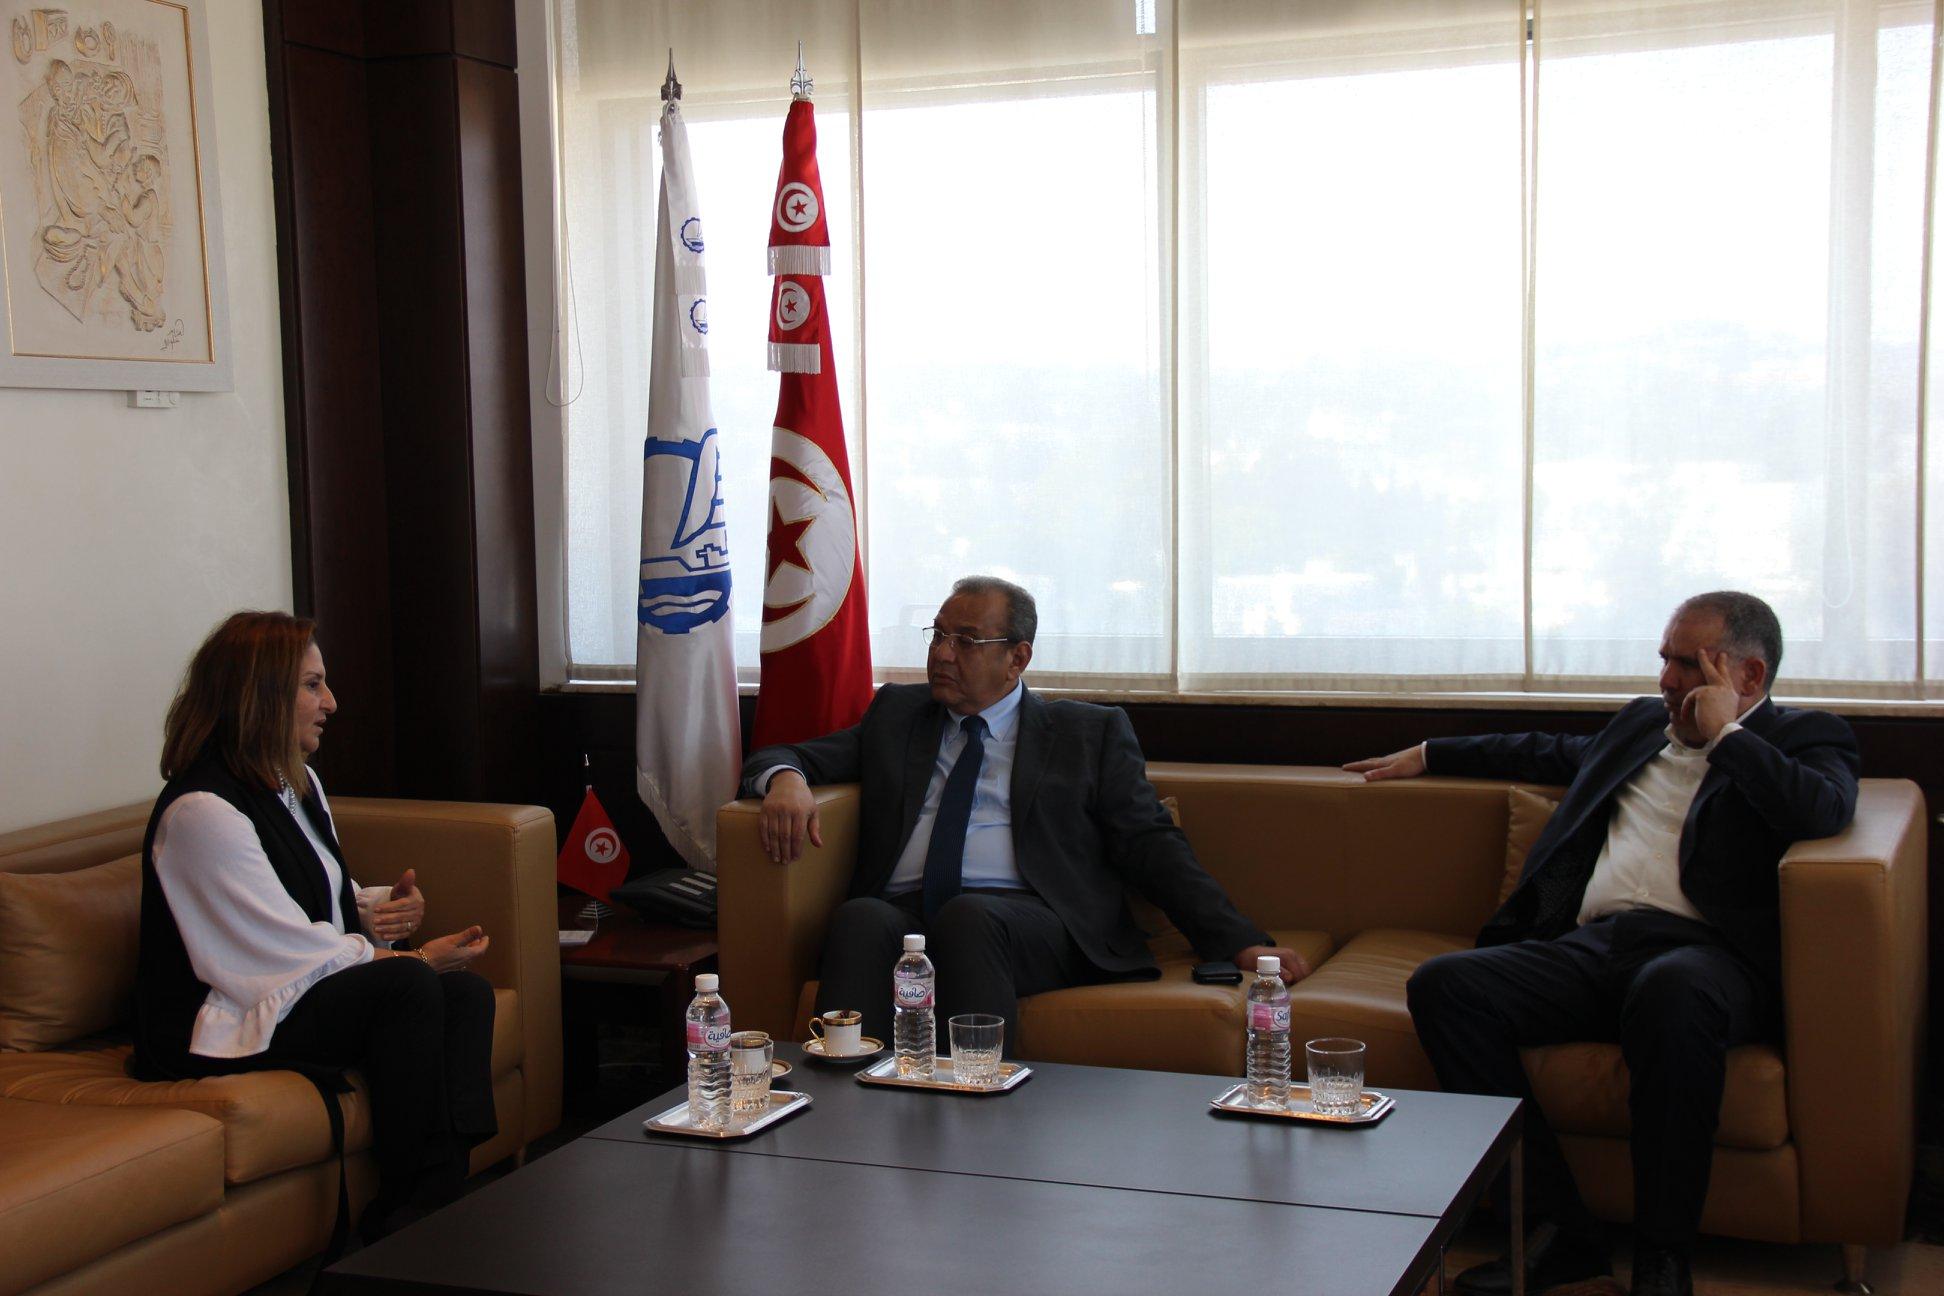 3 منظمات وطنية: تونس بحاجة لاستقرار سياسي وللتركيز على مشاكل الشعب